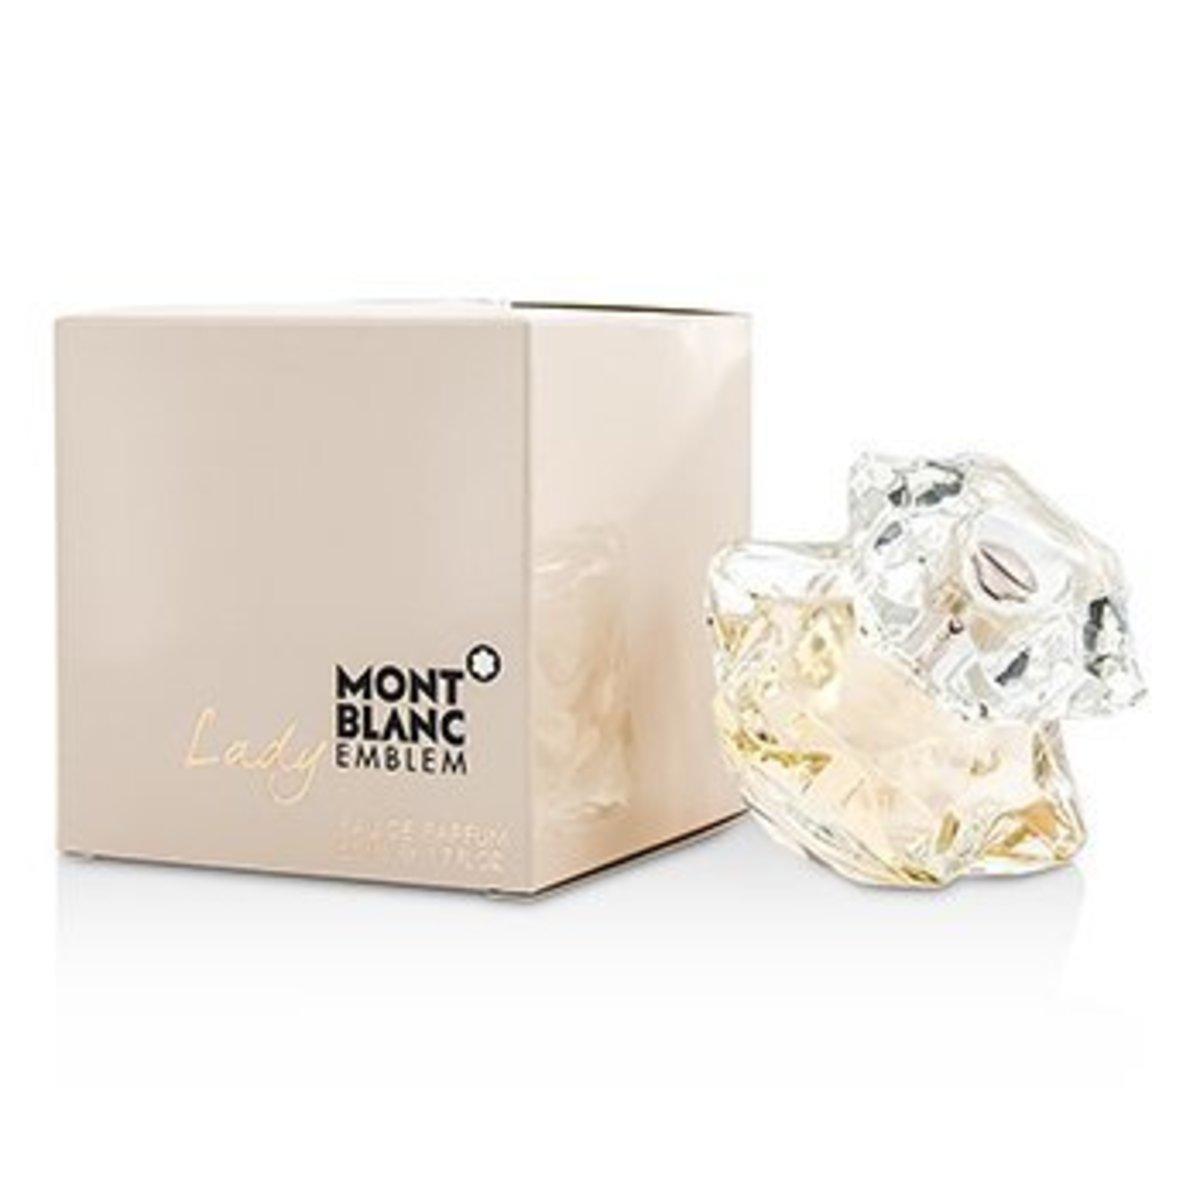 Lady Emblem Elixir Eau De Parfum Spray 50ML